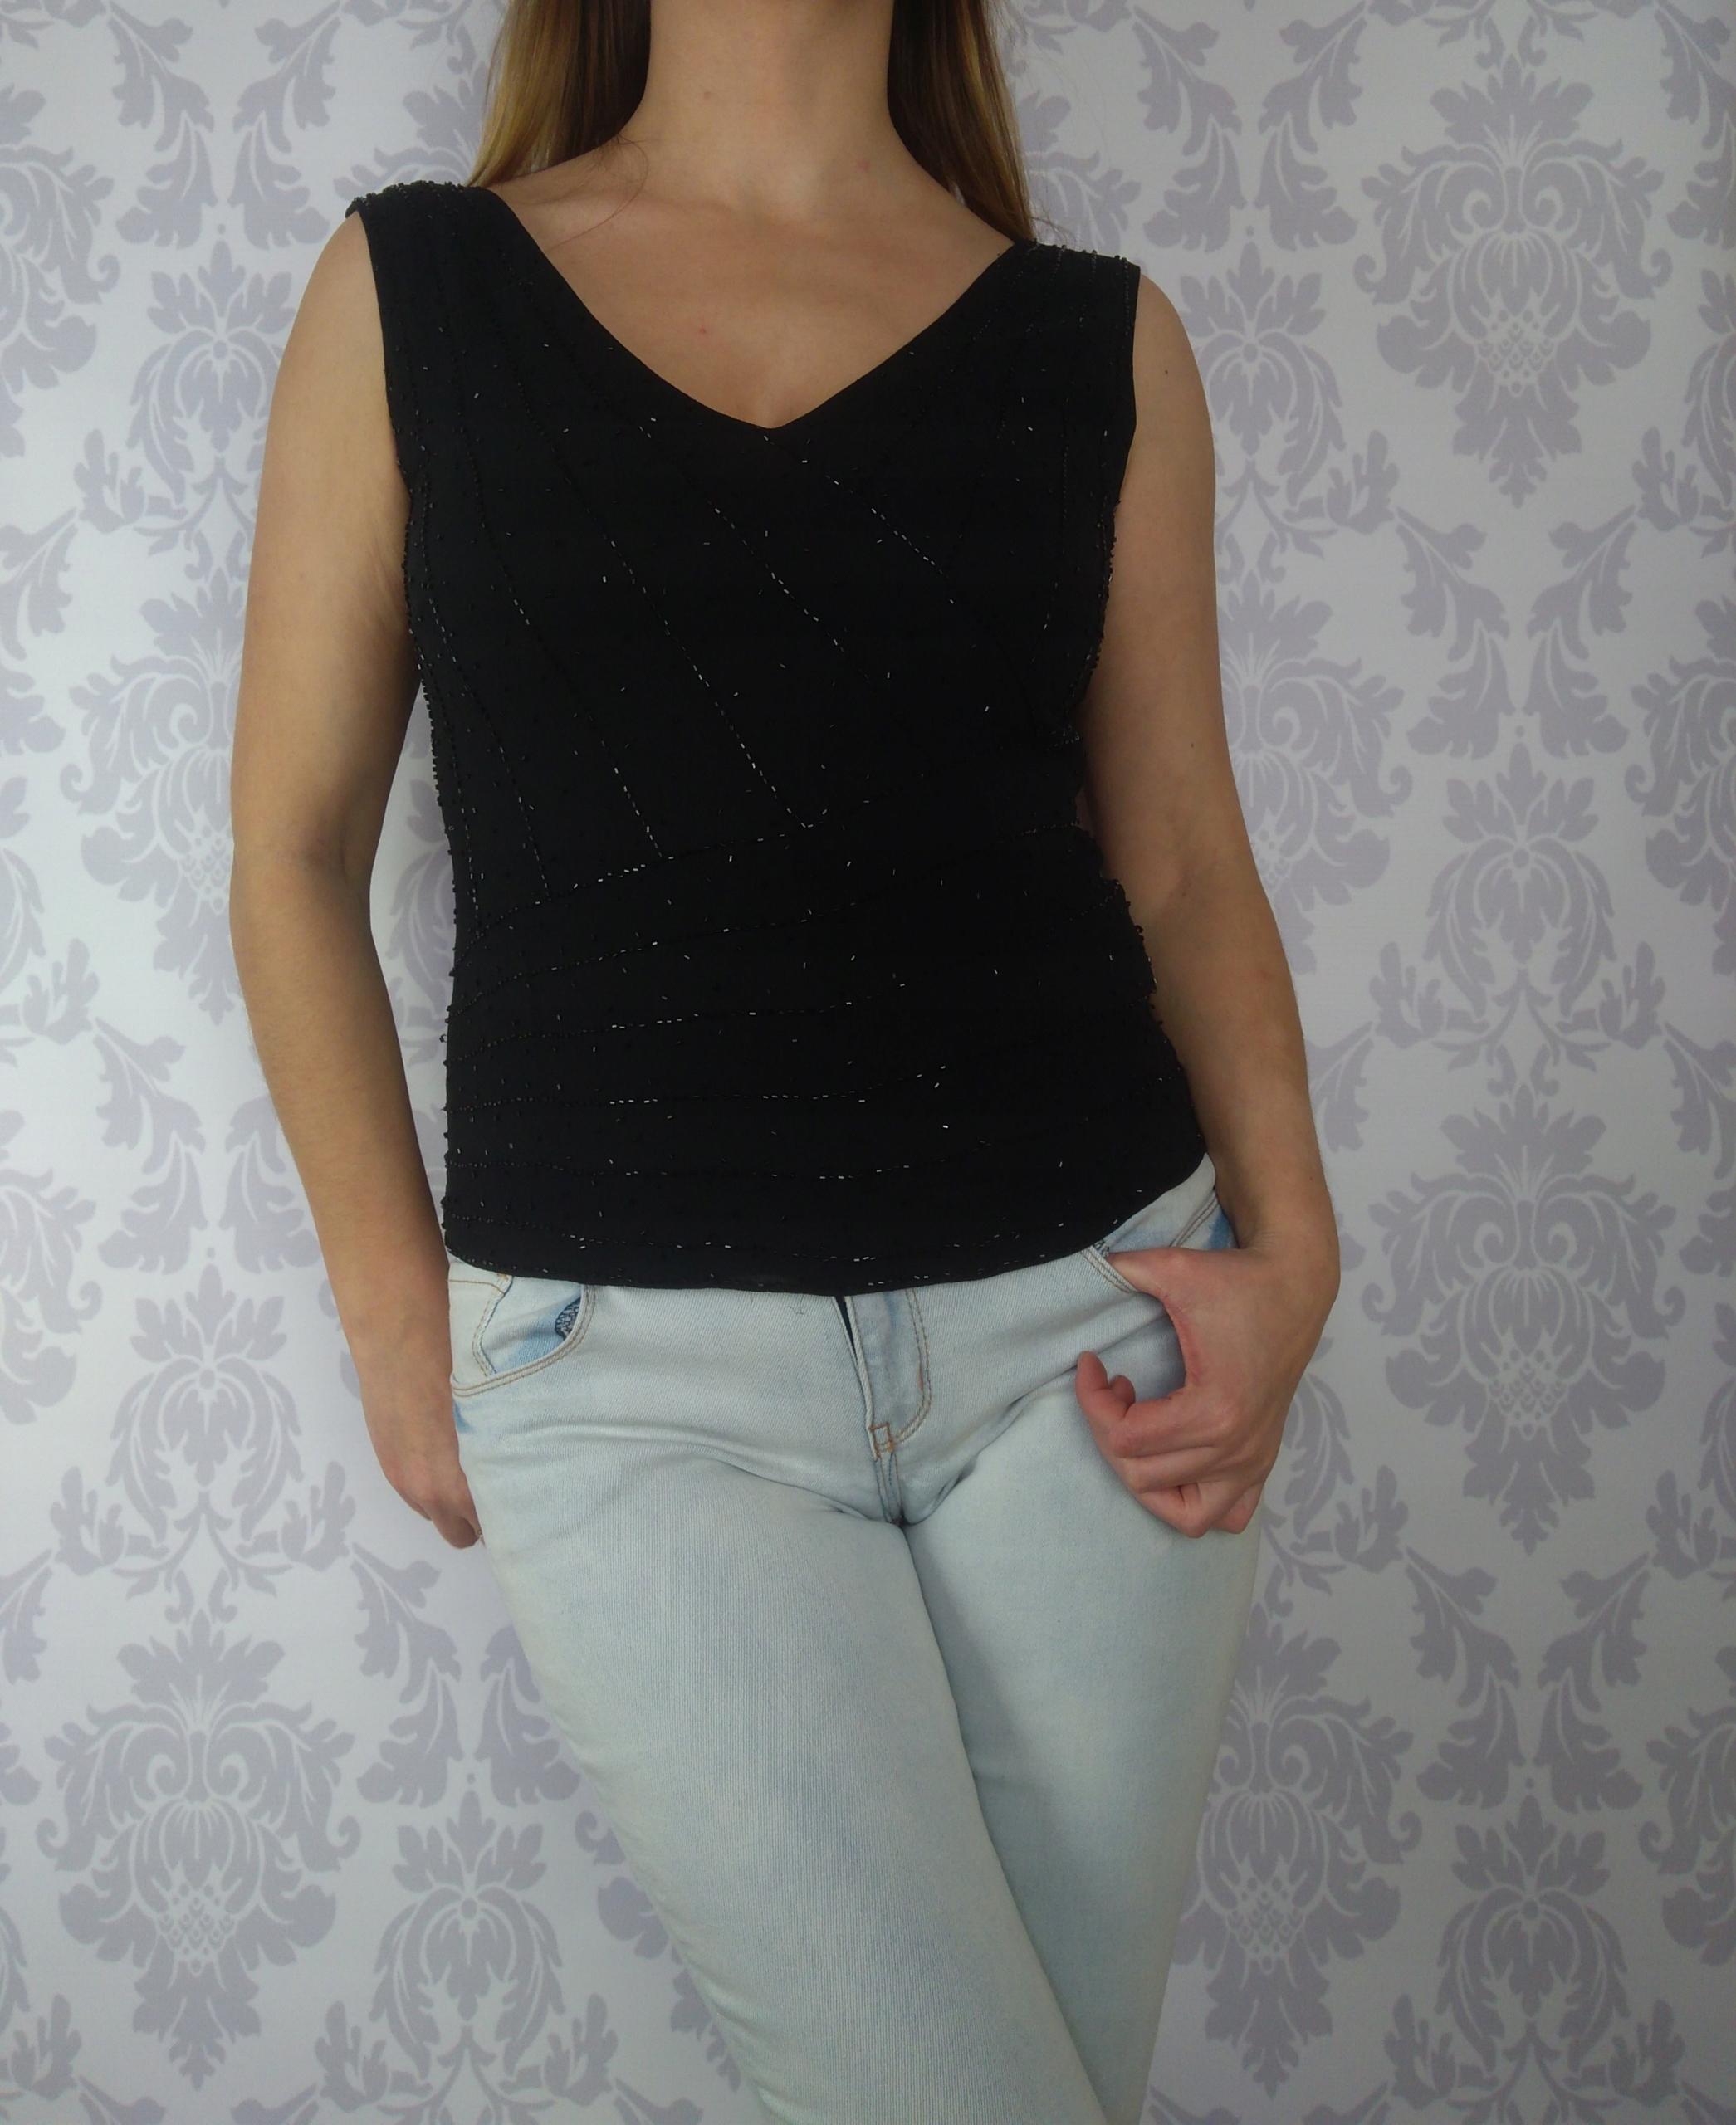 Rozm 40 Czarna elegancka jedwabna bluzka Marks